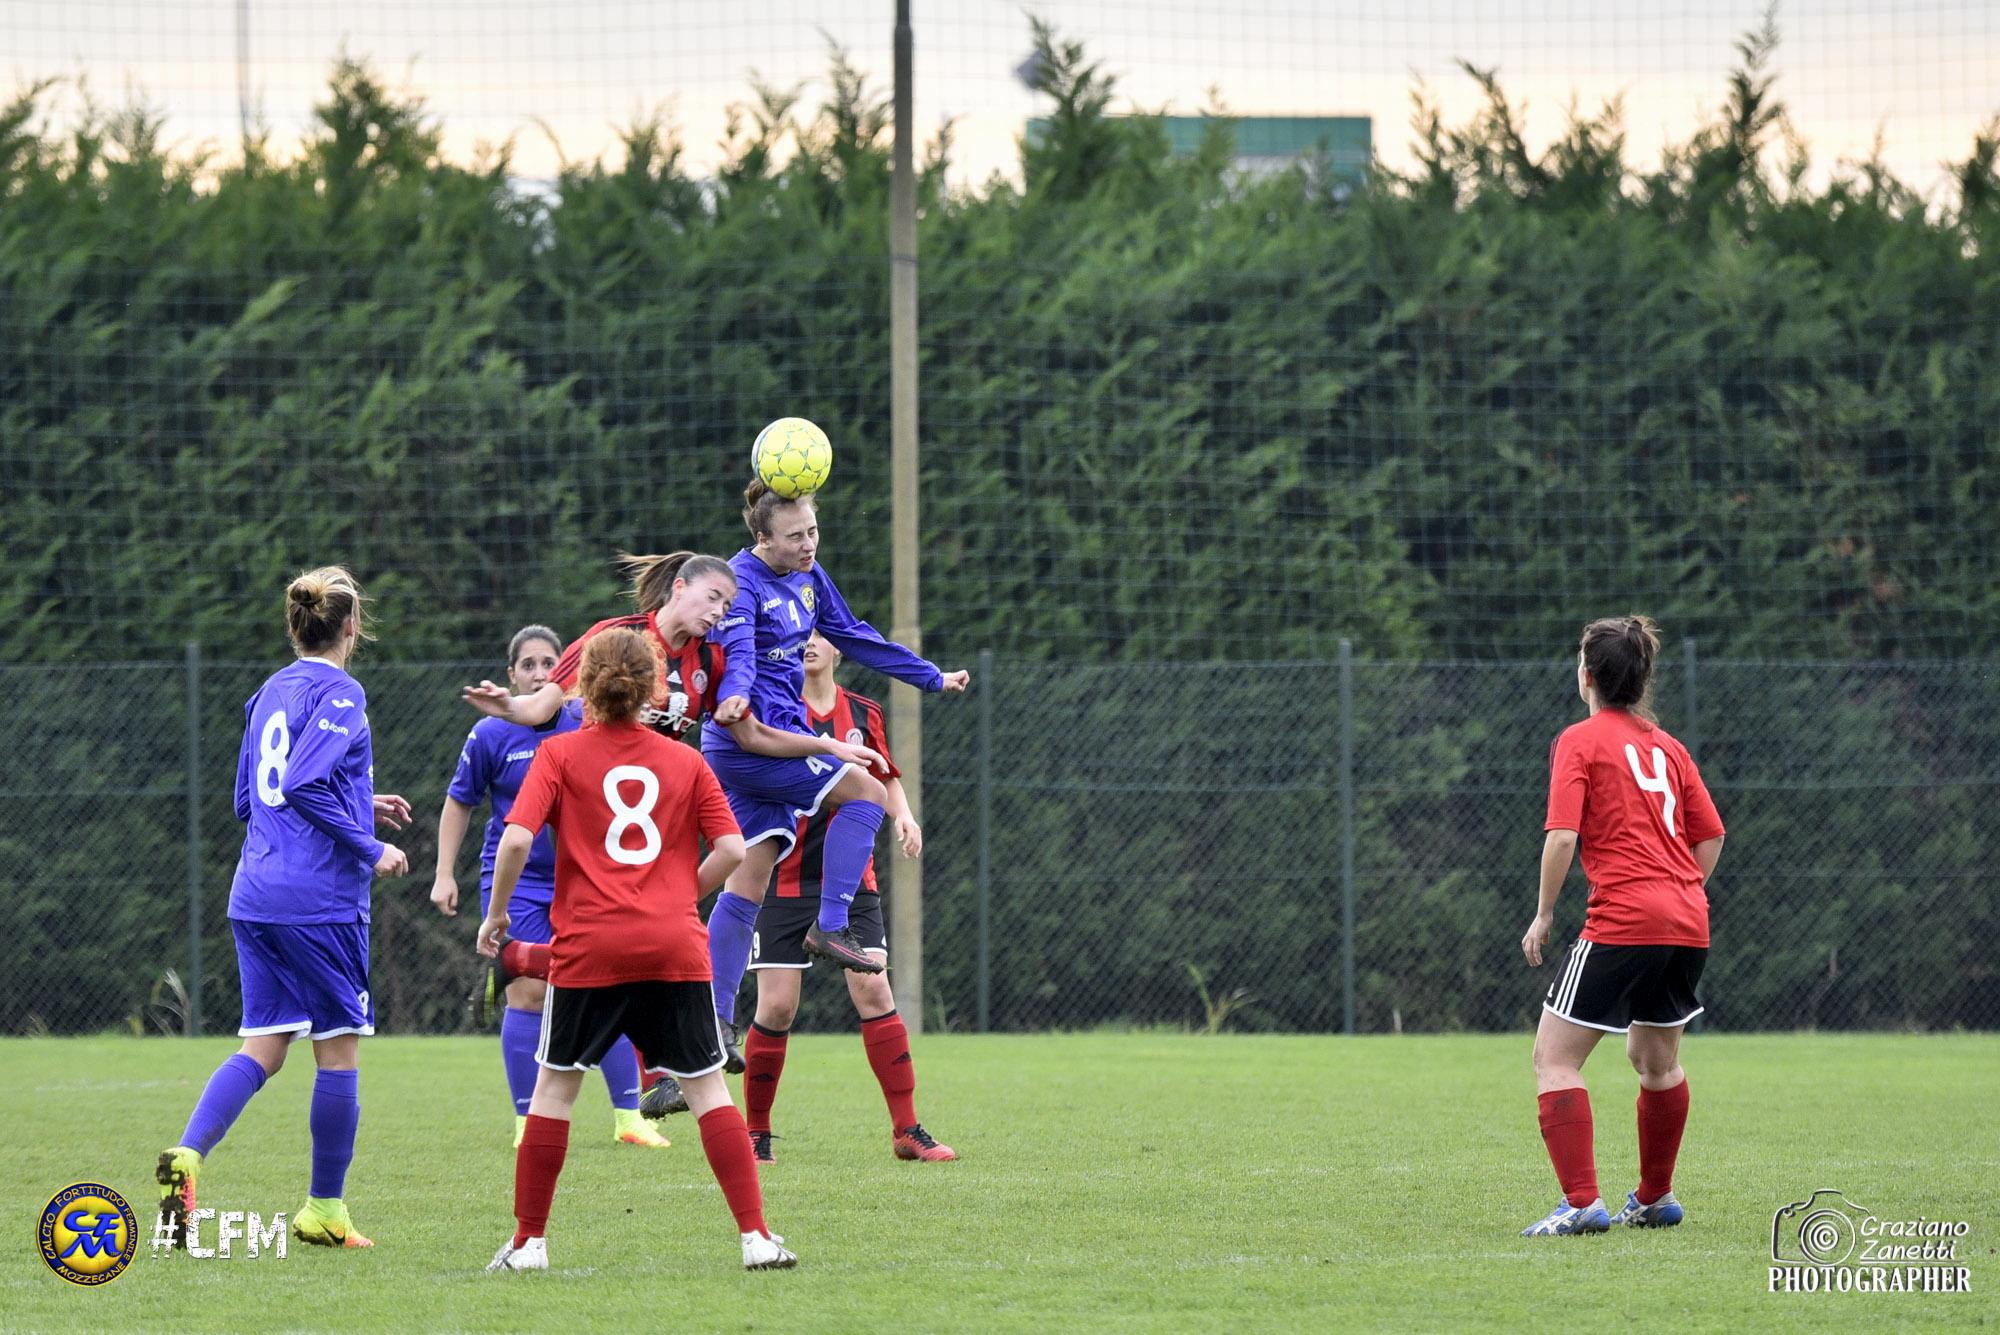 Serie B: Fortitudo Mozzecane, la «pareggite» non passa. Con il Milan Ladies finisce 0-0